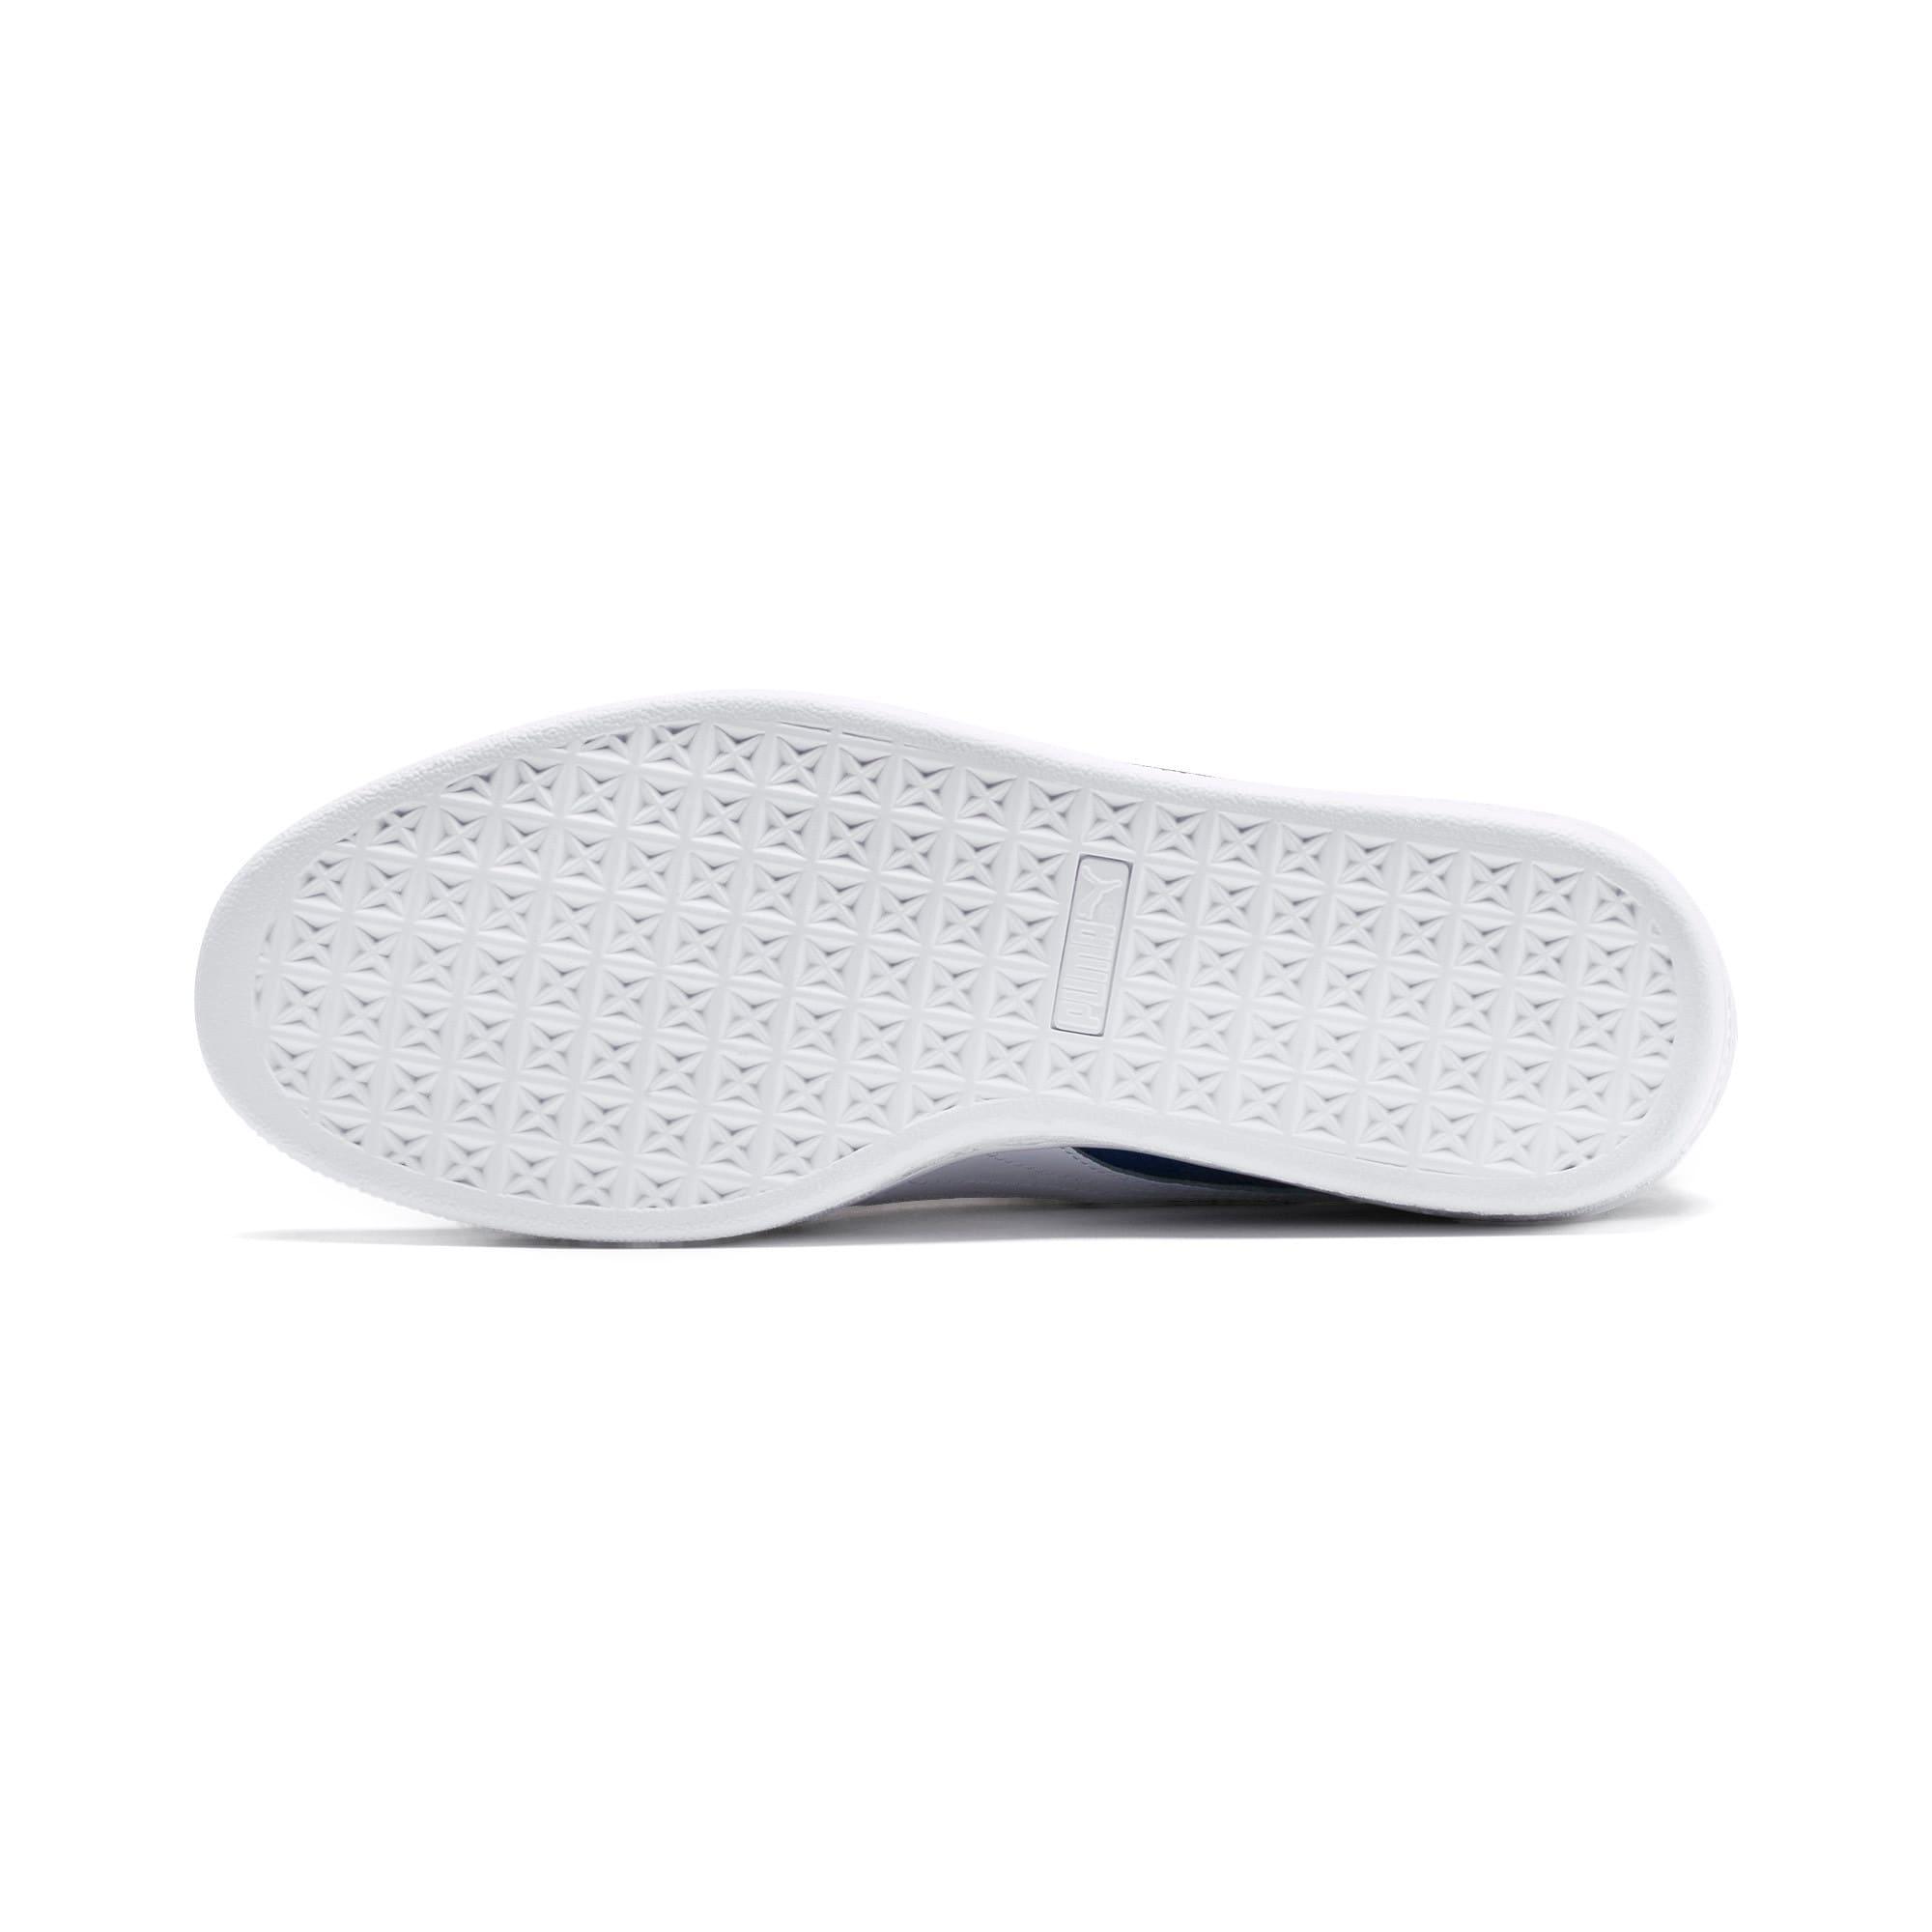 Miniatura 5 de Zapatos deportivos Suede Classic Block, Rhubarb-Azul-Blanco, mediano